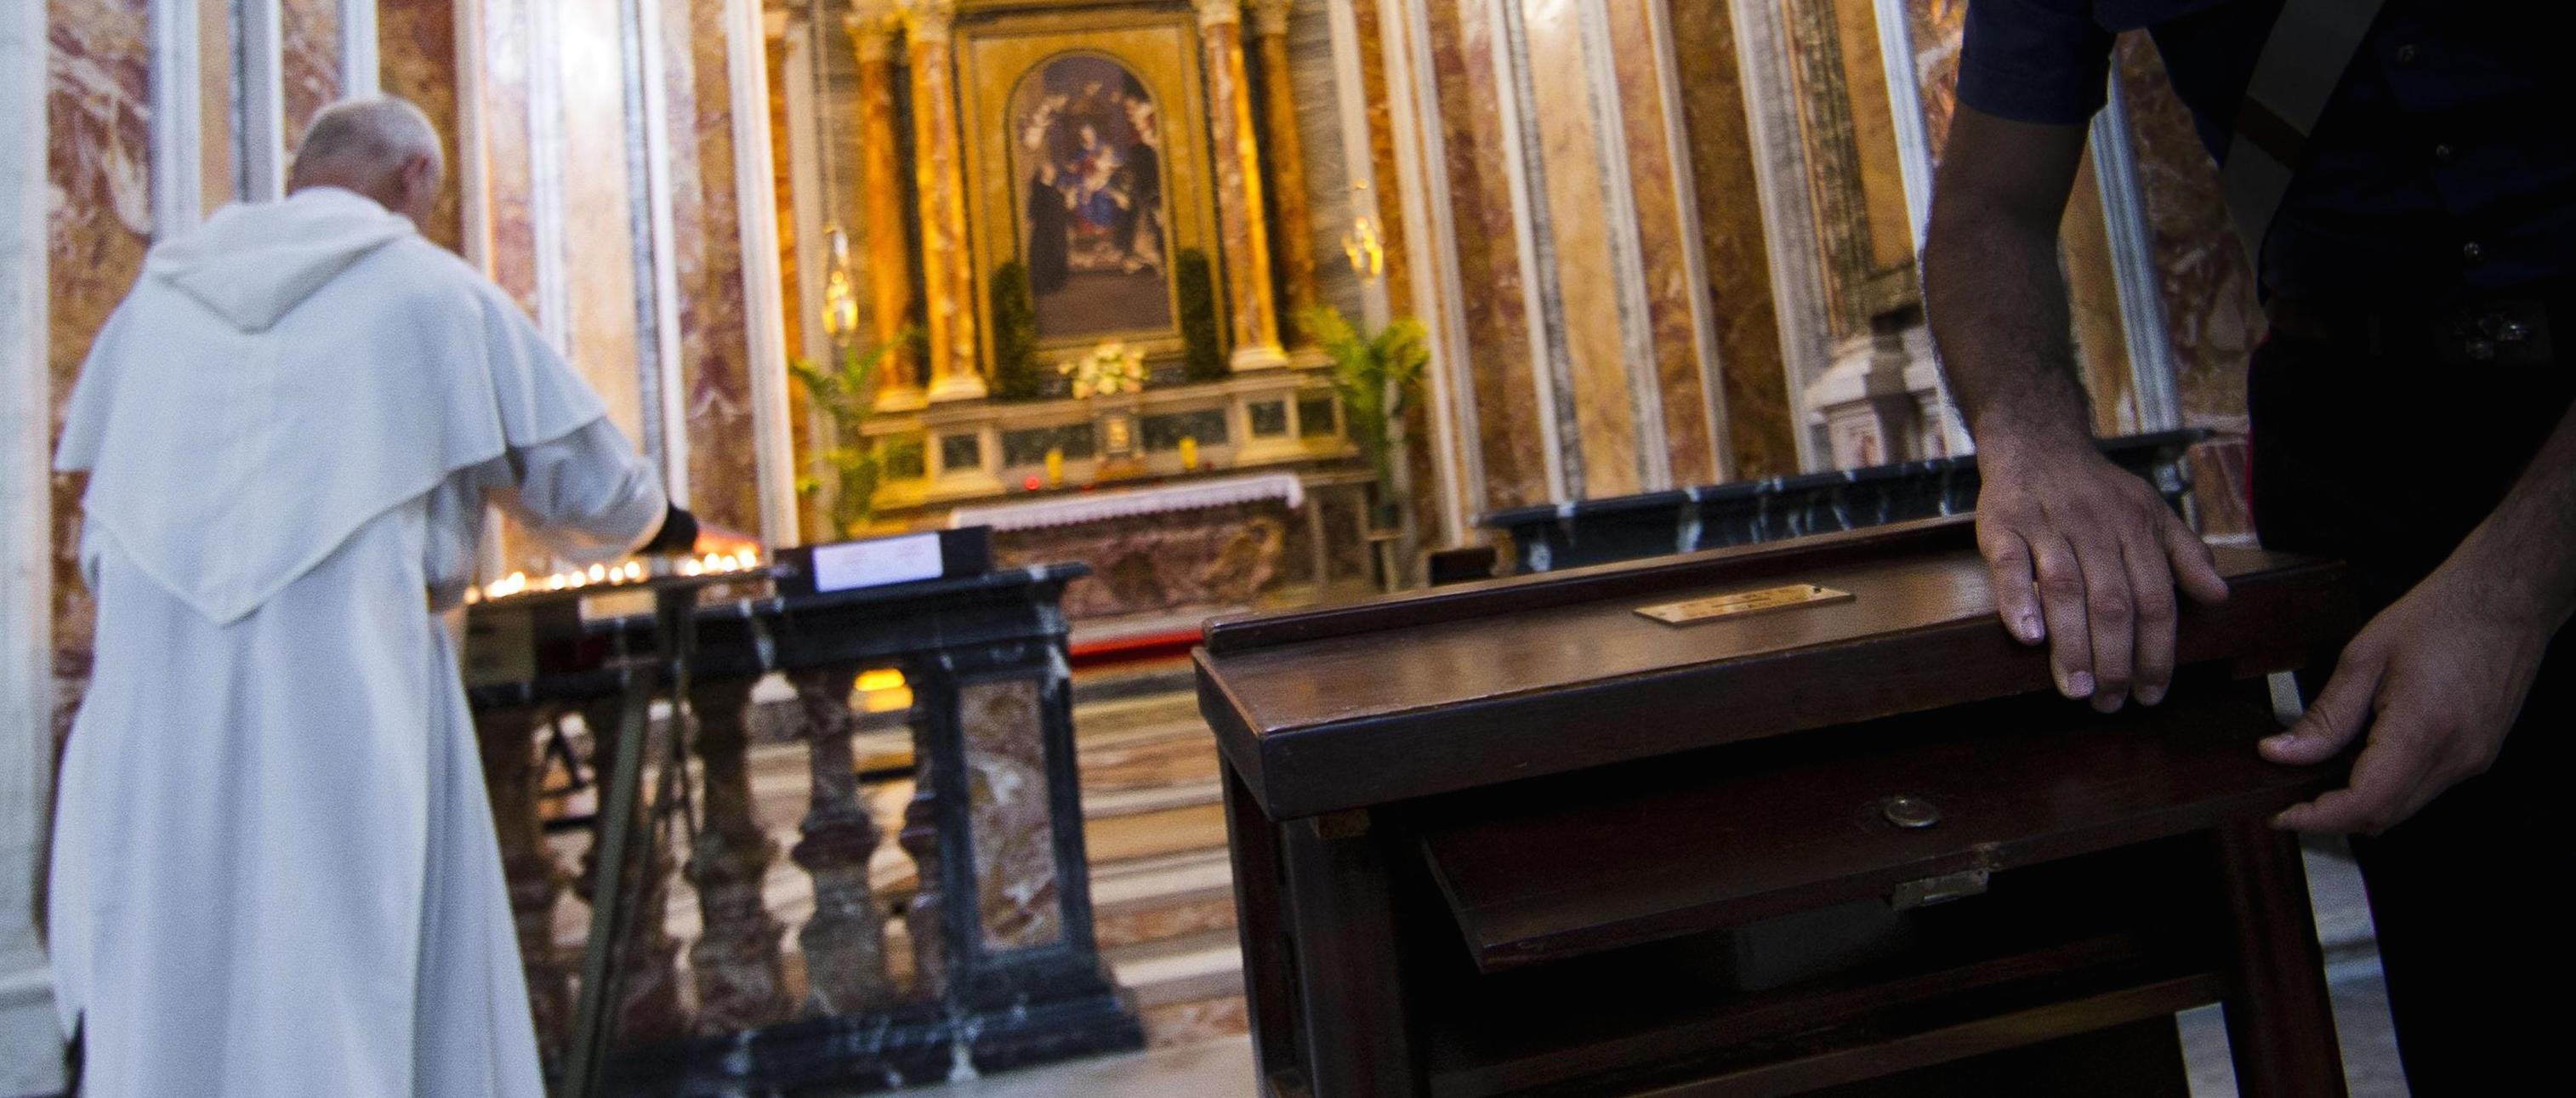 Cuneo, raid vandalico in chiesa: non trovano soldi e devastano l'altare